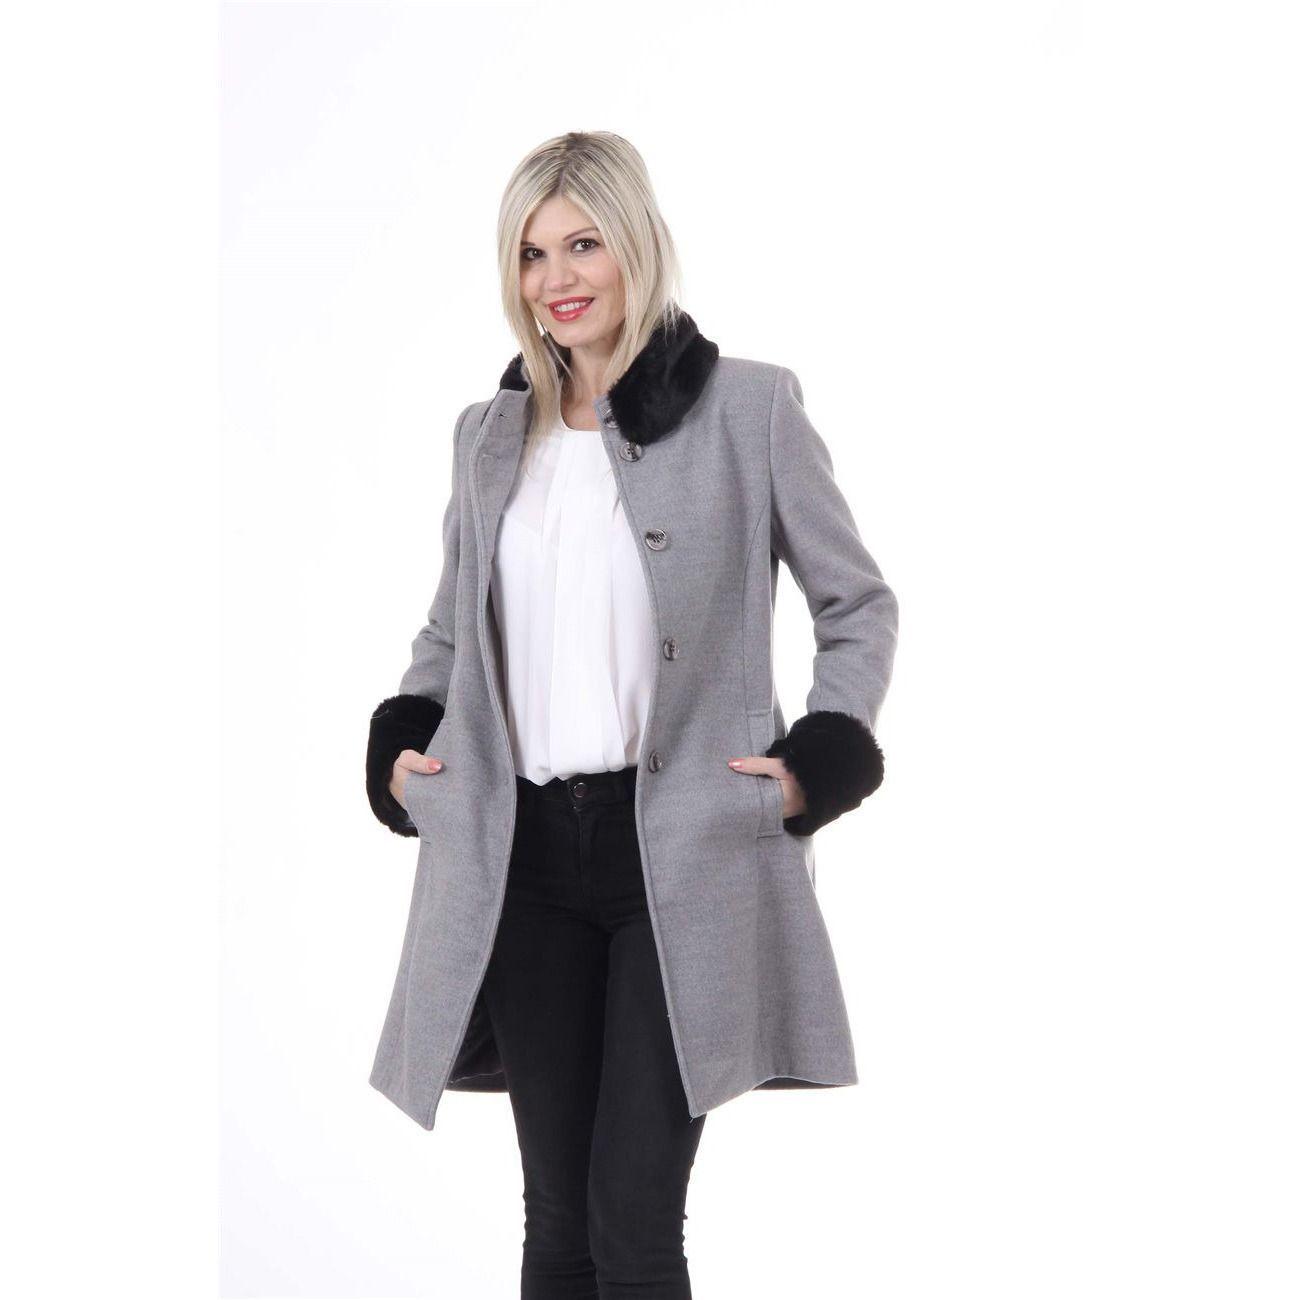 Versace 19.69 Abbigliamento Sportivo Srl Milano Italia Womens Coat CAPPOTTO LINDA TESS. VELOUR + PELLICCIA GRIGIO/NERO